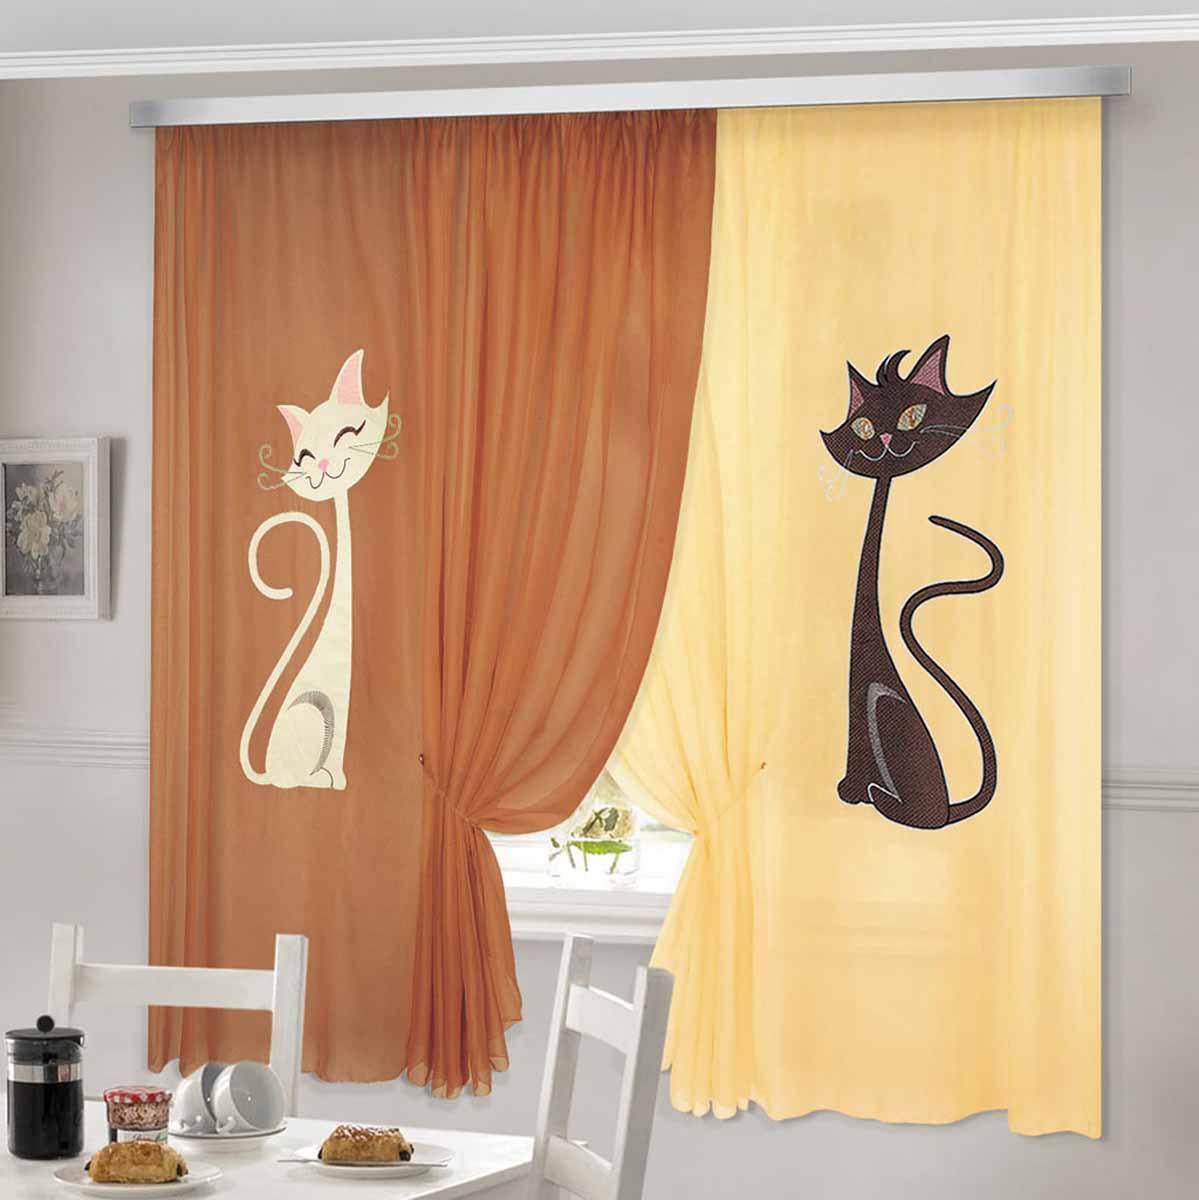 Комплект штор ТД Текстиль Кэти, на ленте, цвет: коричневый, желтый, высота 180 см10503Шторы выполнены из вуалевого полотна с аппликацией в виде кошек. Стирать аккуратно, не более 30-40 градусов. Цвета в ассортименте.